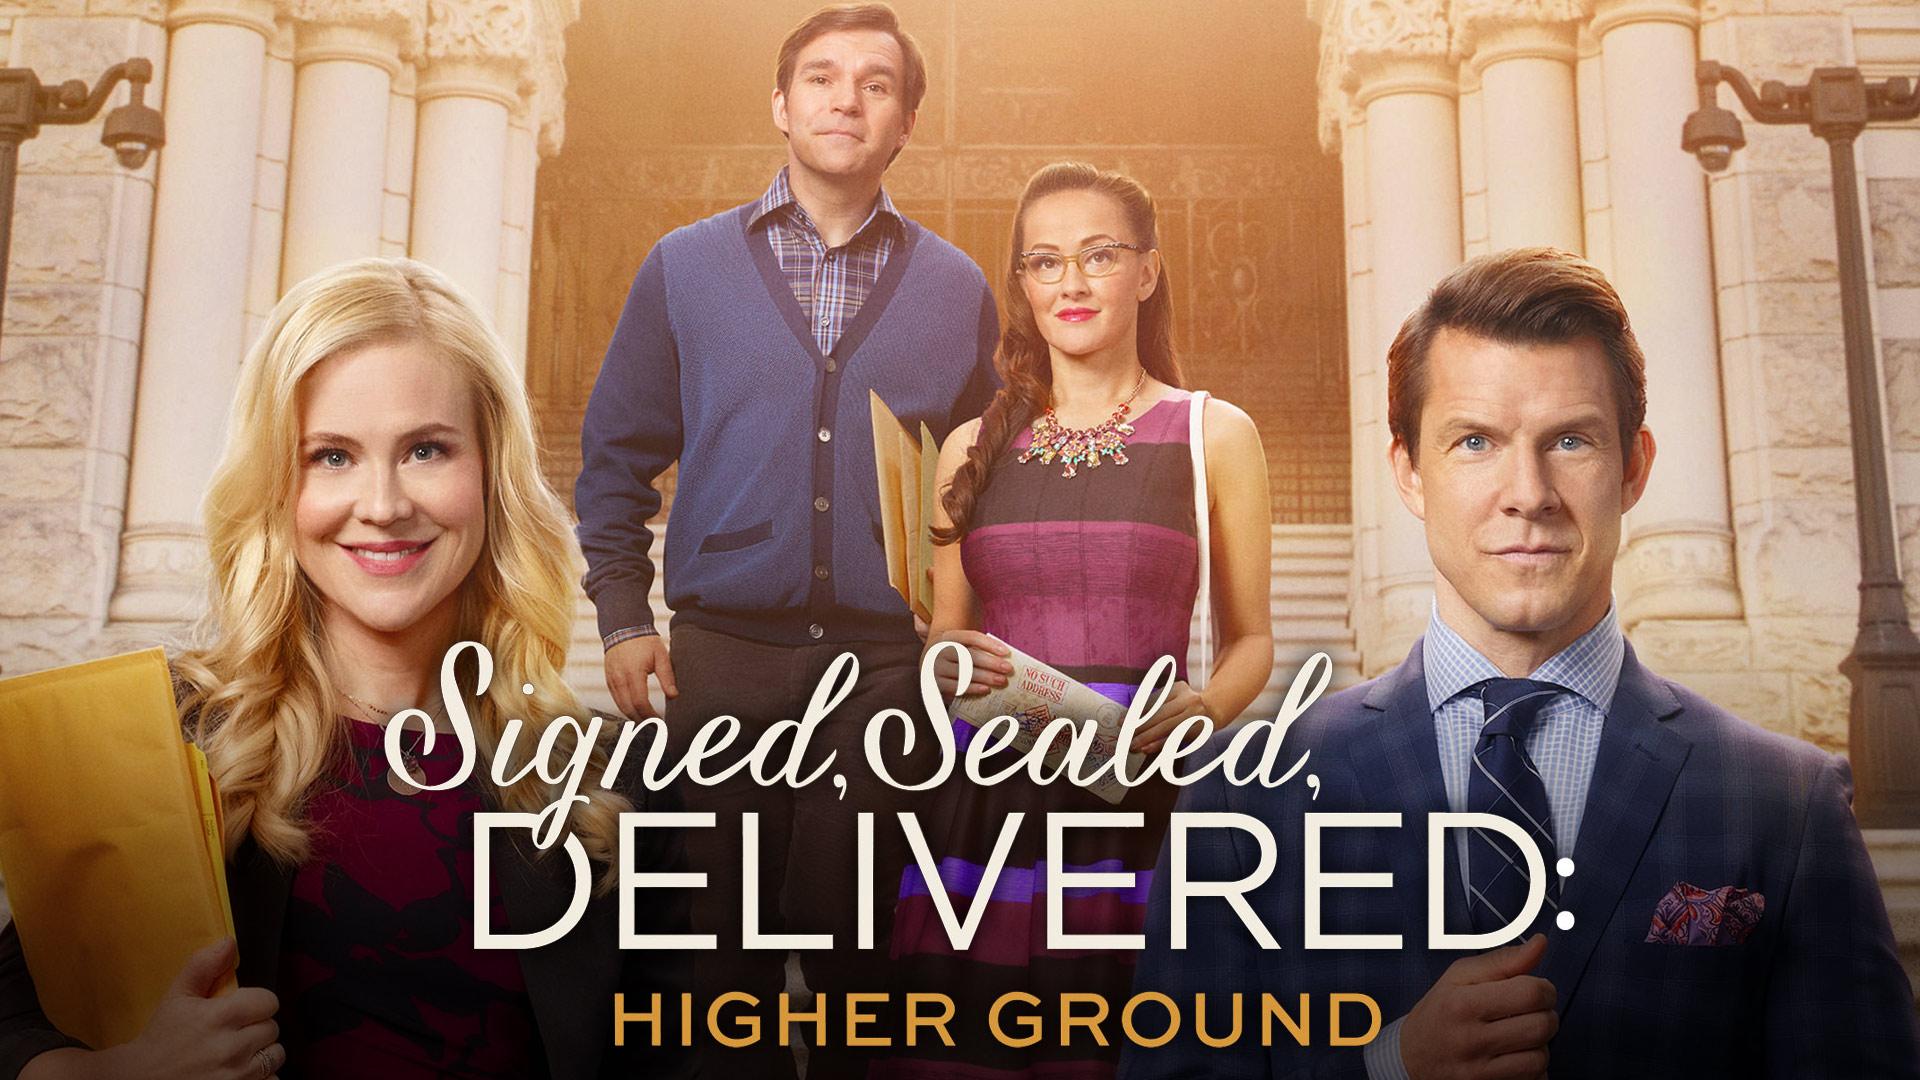 Signed, Sealed, Delivered: Higher Ground